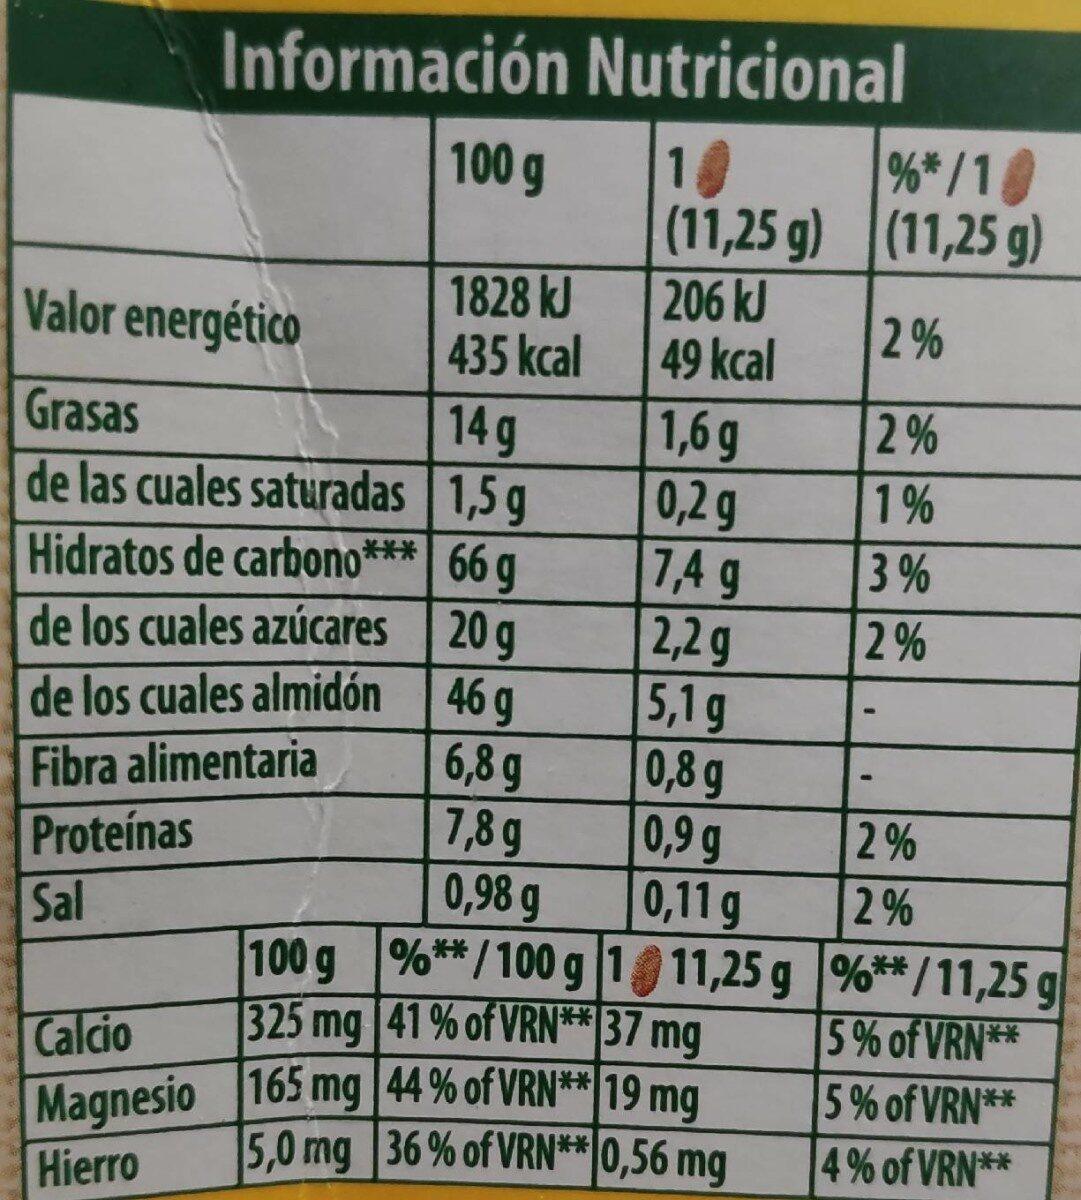 Galletas belvita 5 cereales - Información nutricional - es